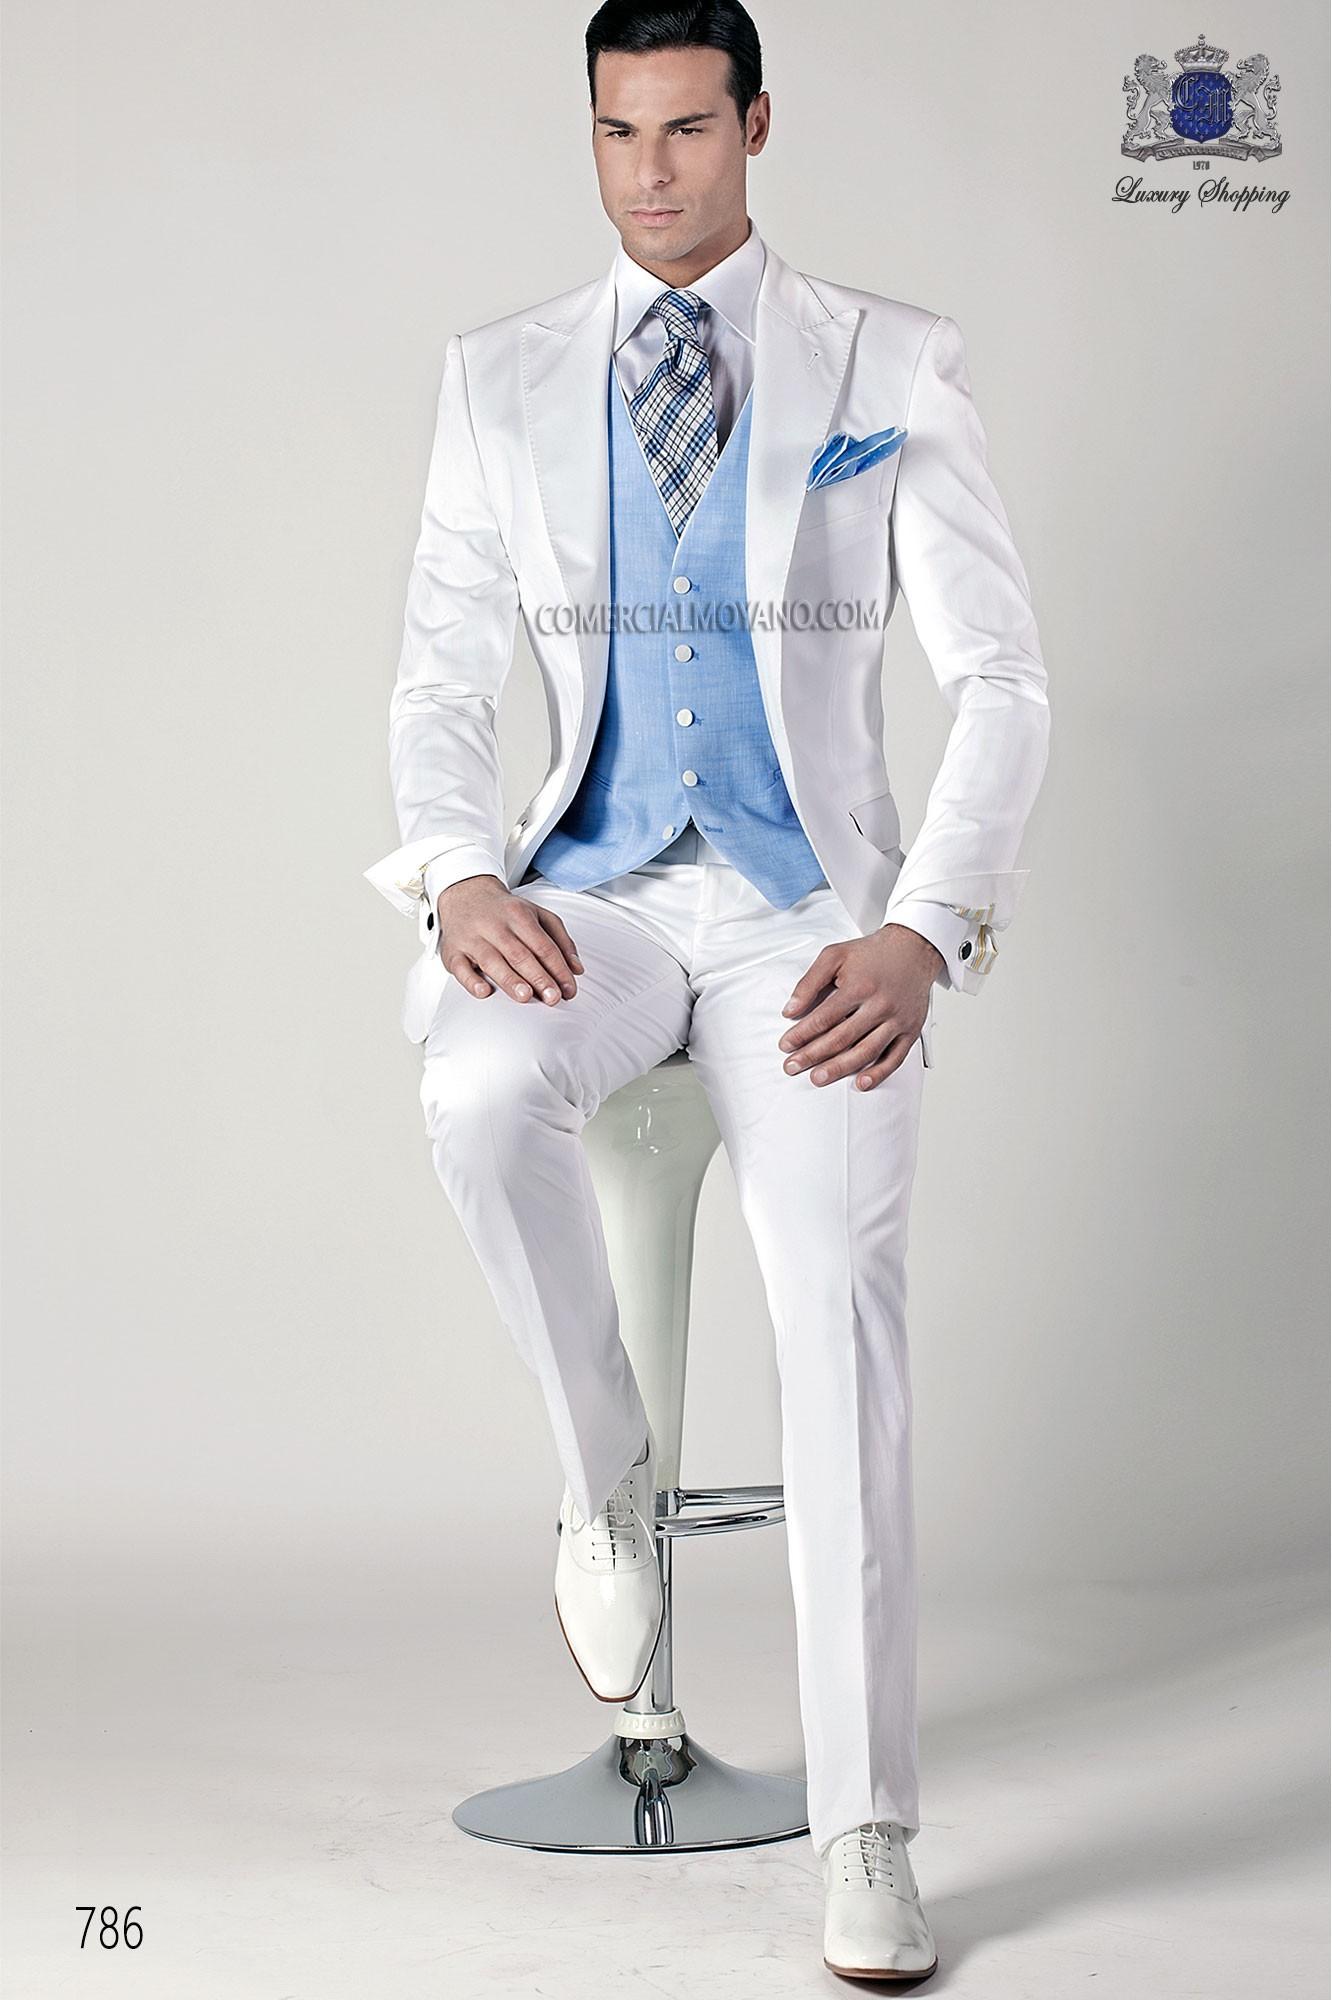 Traje de novio Hipster blanco modelo: 786 Ottavio Nuccio Gala colección Hipster